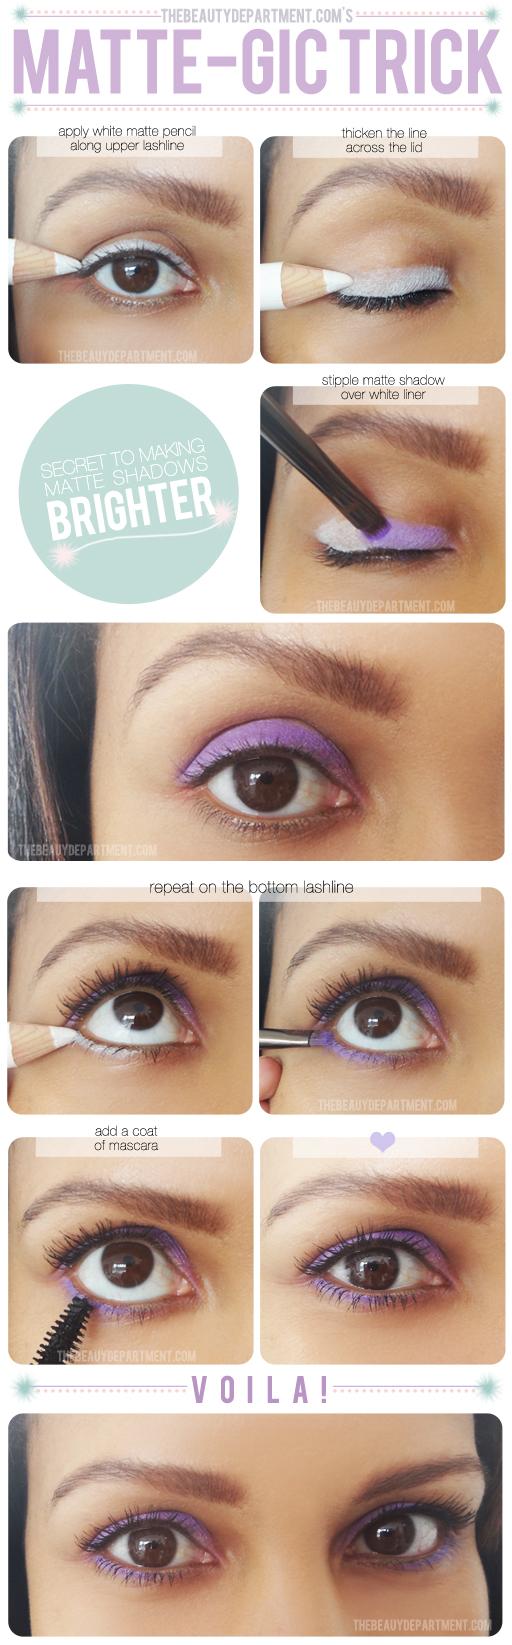 15 HOT Makeup Hacks